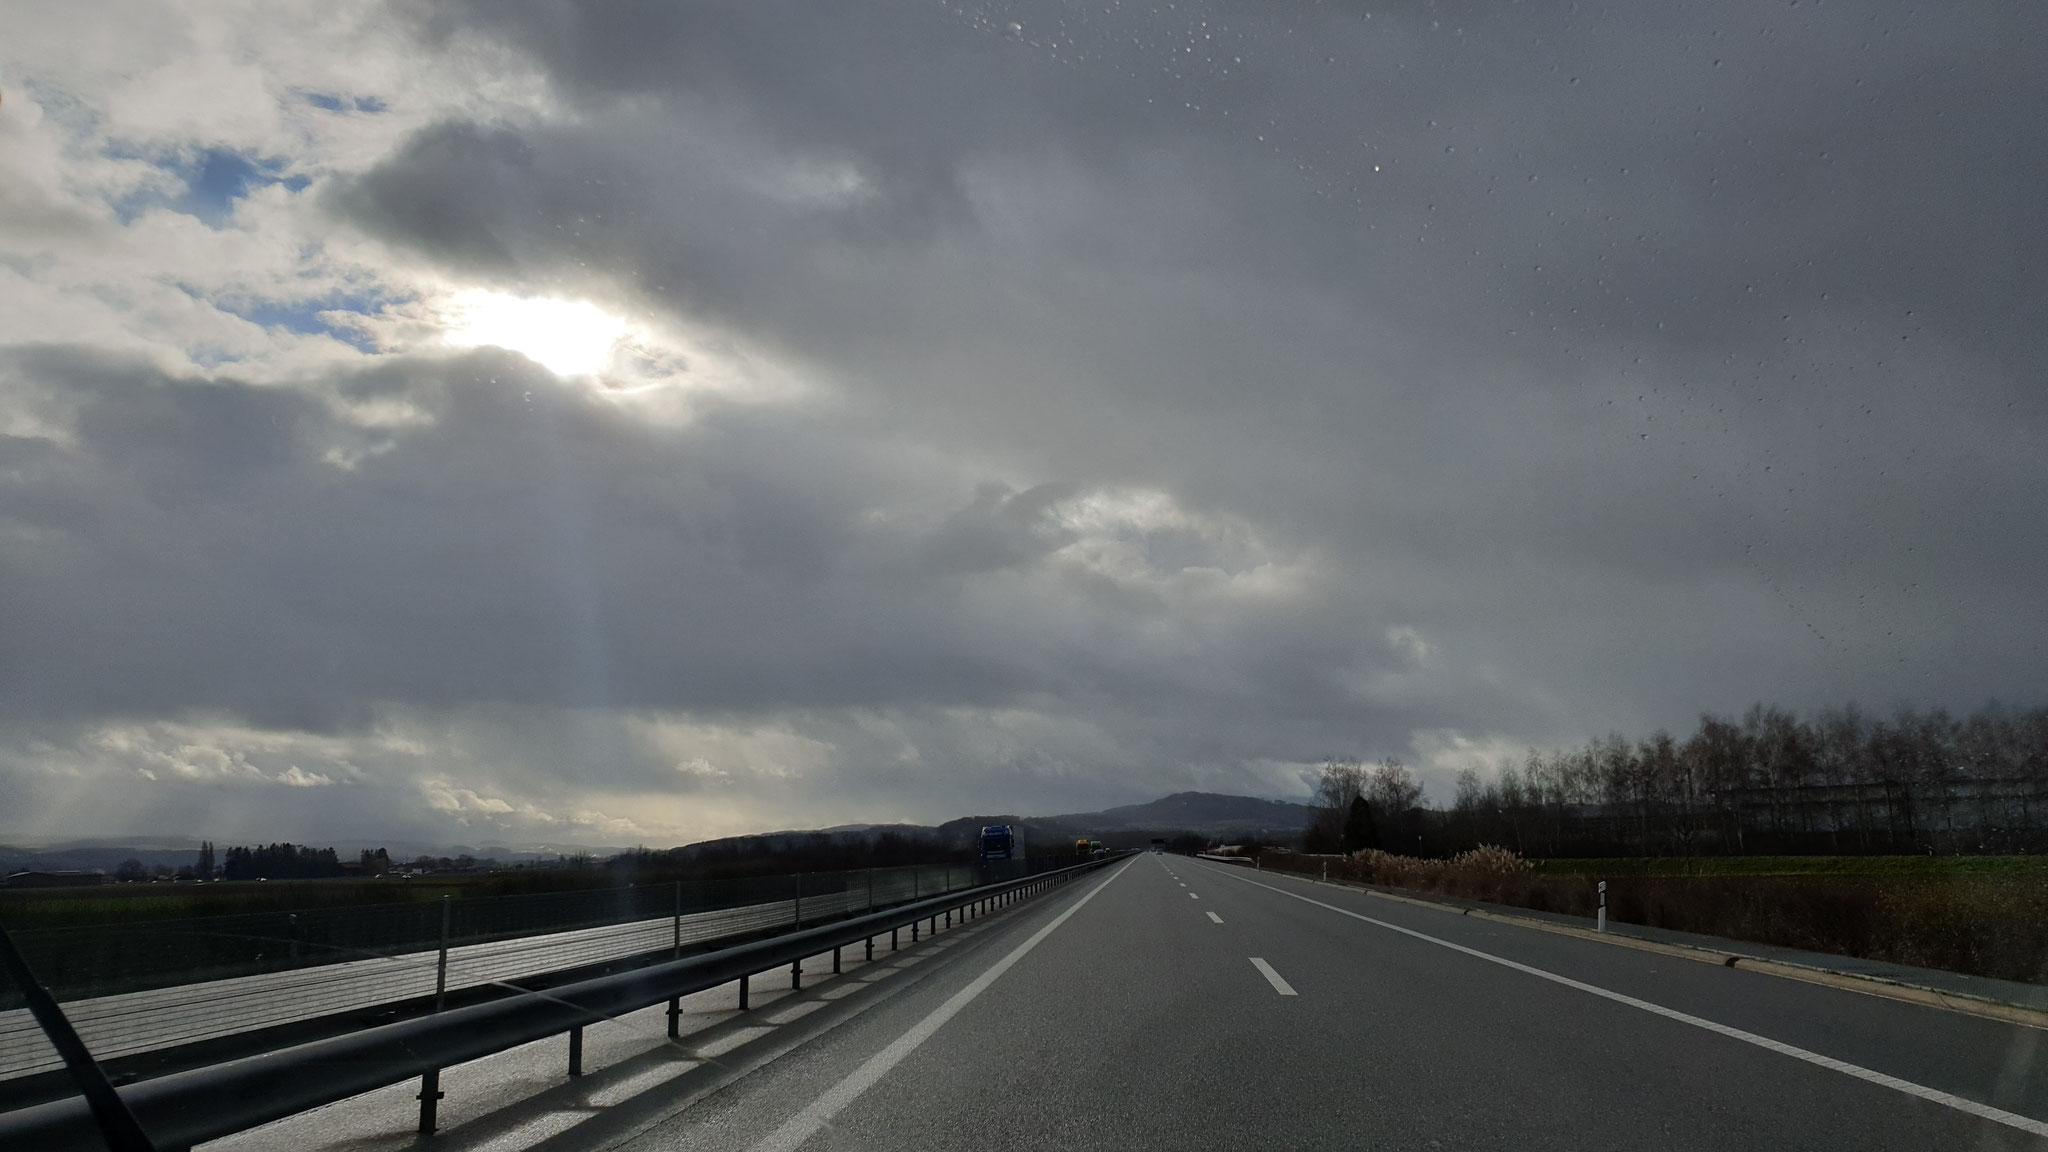 Immer wieder gibt es Wolkenfelder